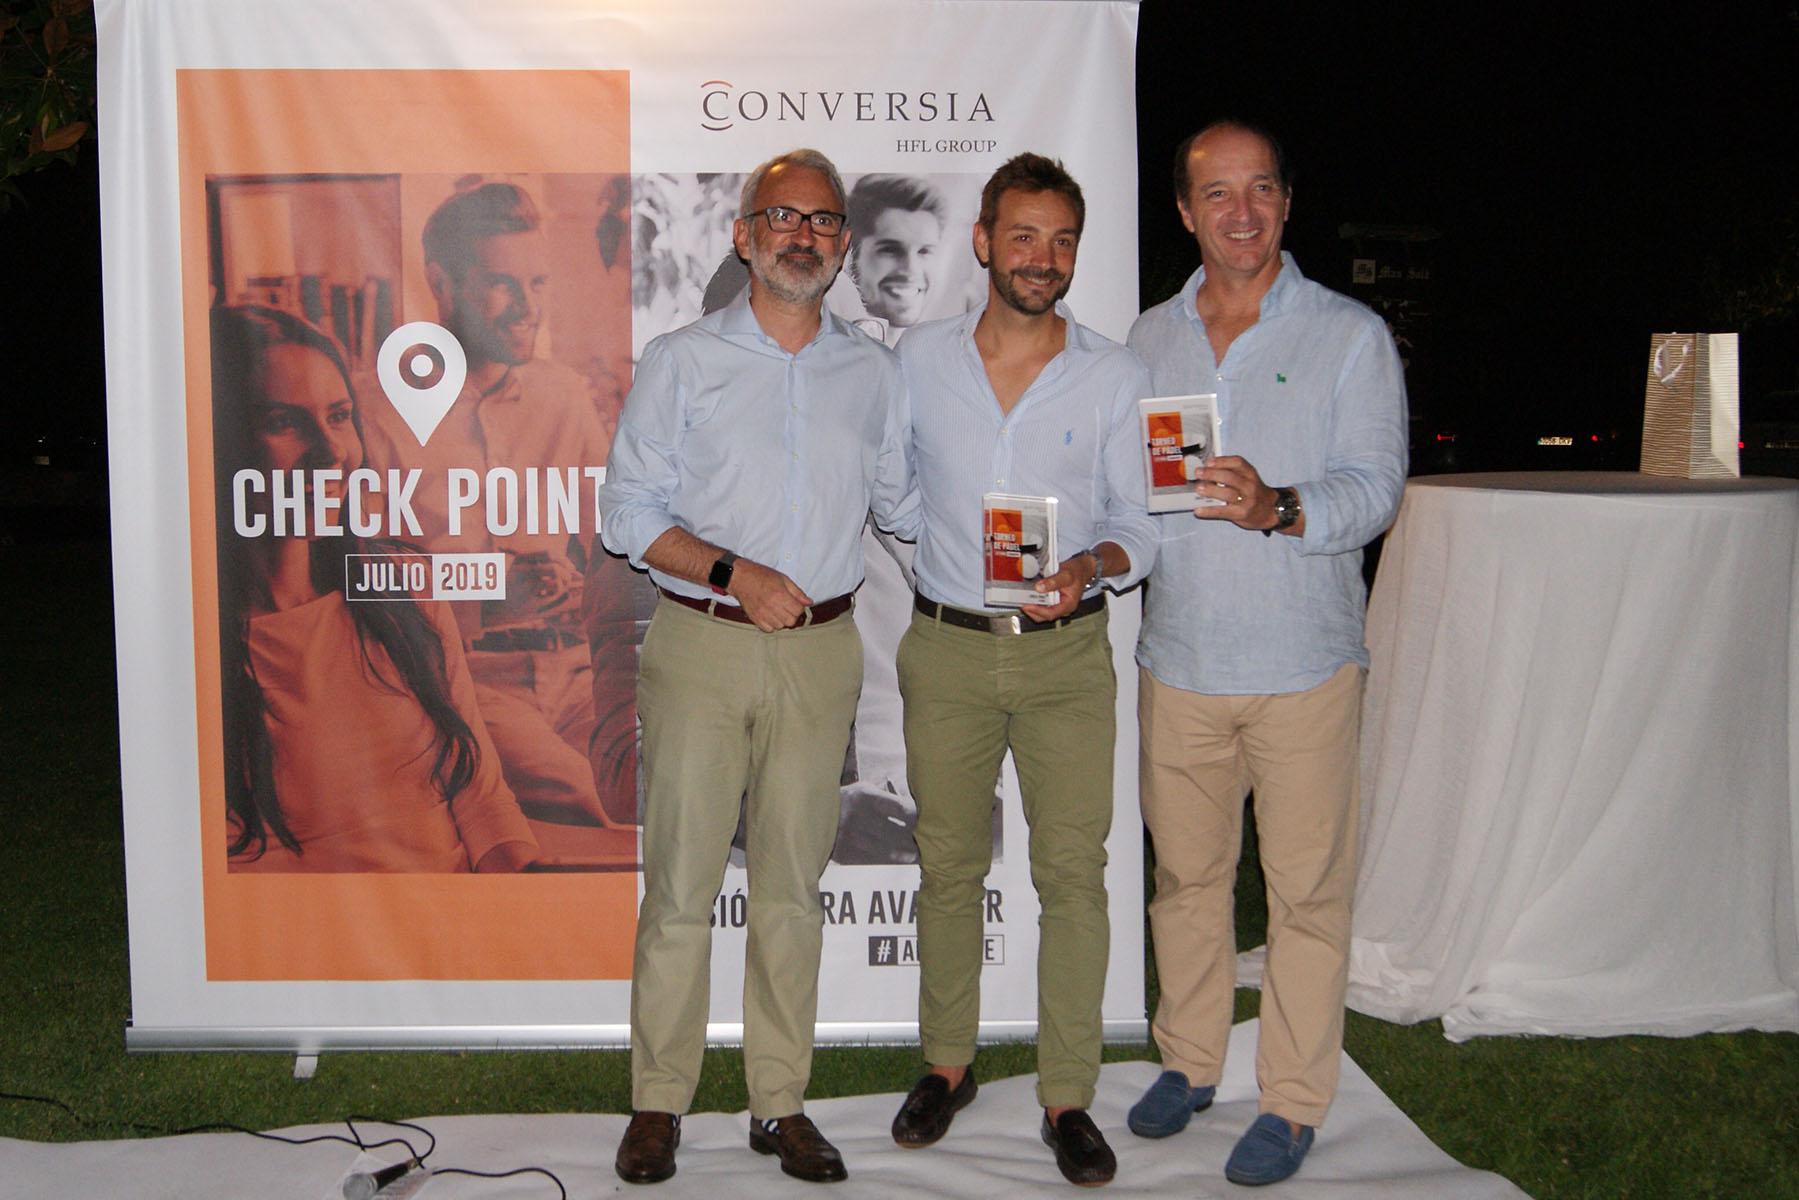 Conversia Check Point Julio 2019 Padel Ganadores Leyendas